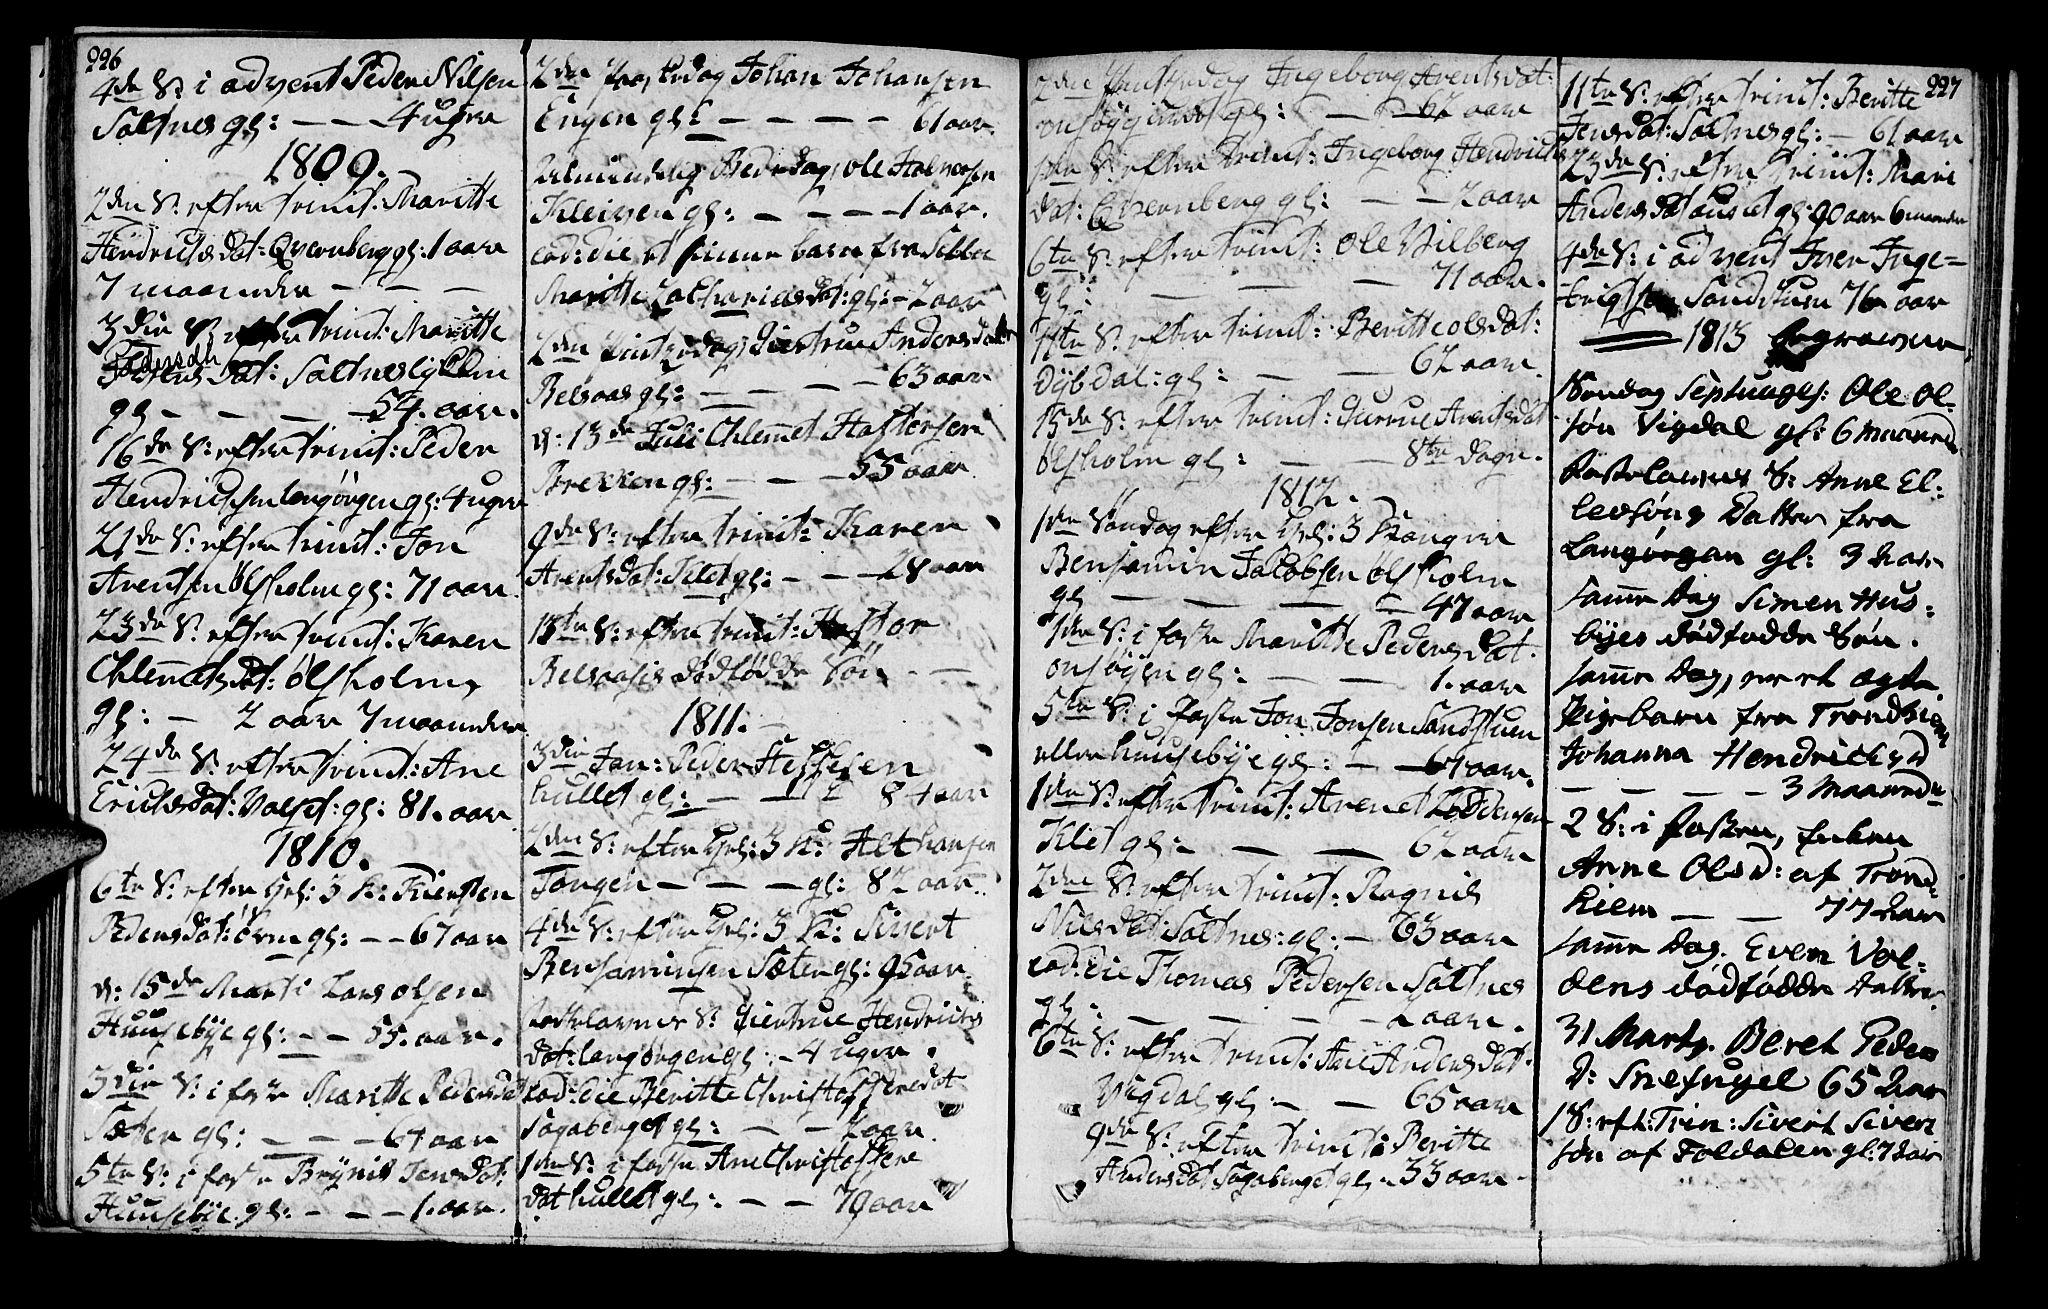 SAT, Ministerialprotokoller, klokkerbøker og fødselsregistre - Sør-Trøndelag, 666/L0785: Ministerialbok nr. 666A03, 1803-1816, s. 226-227